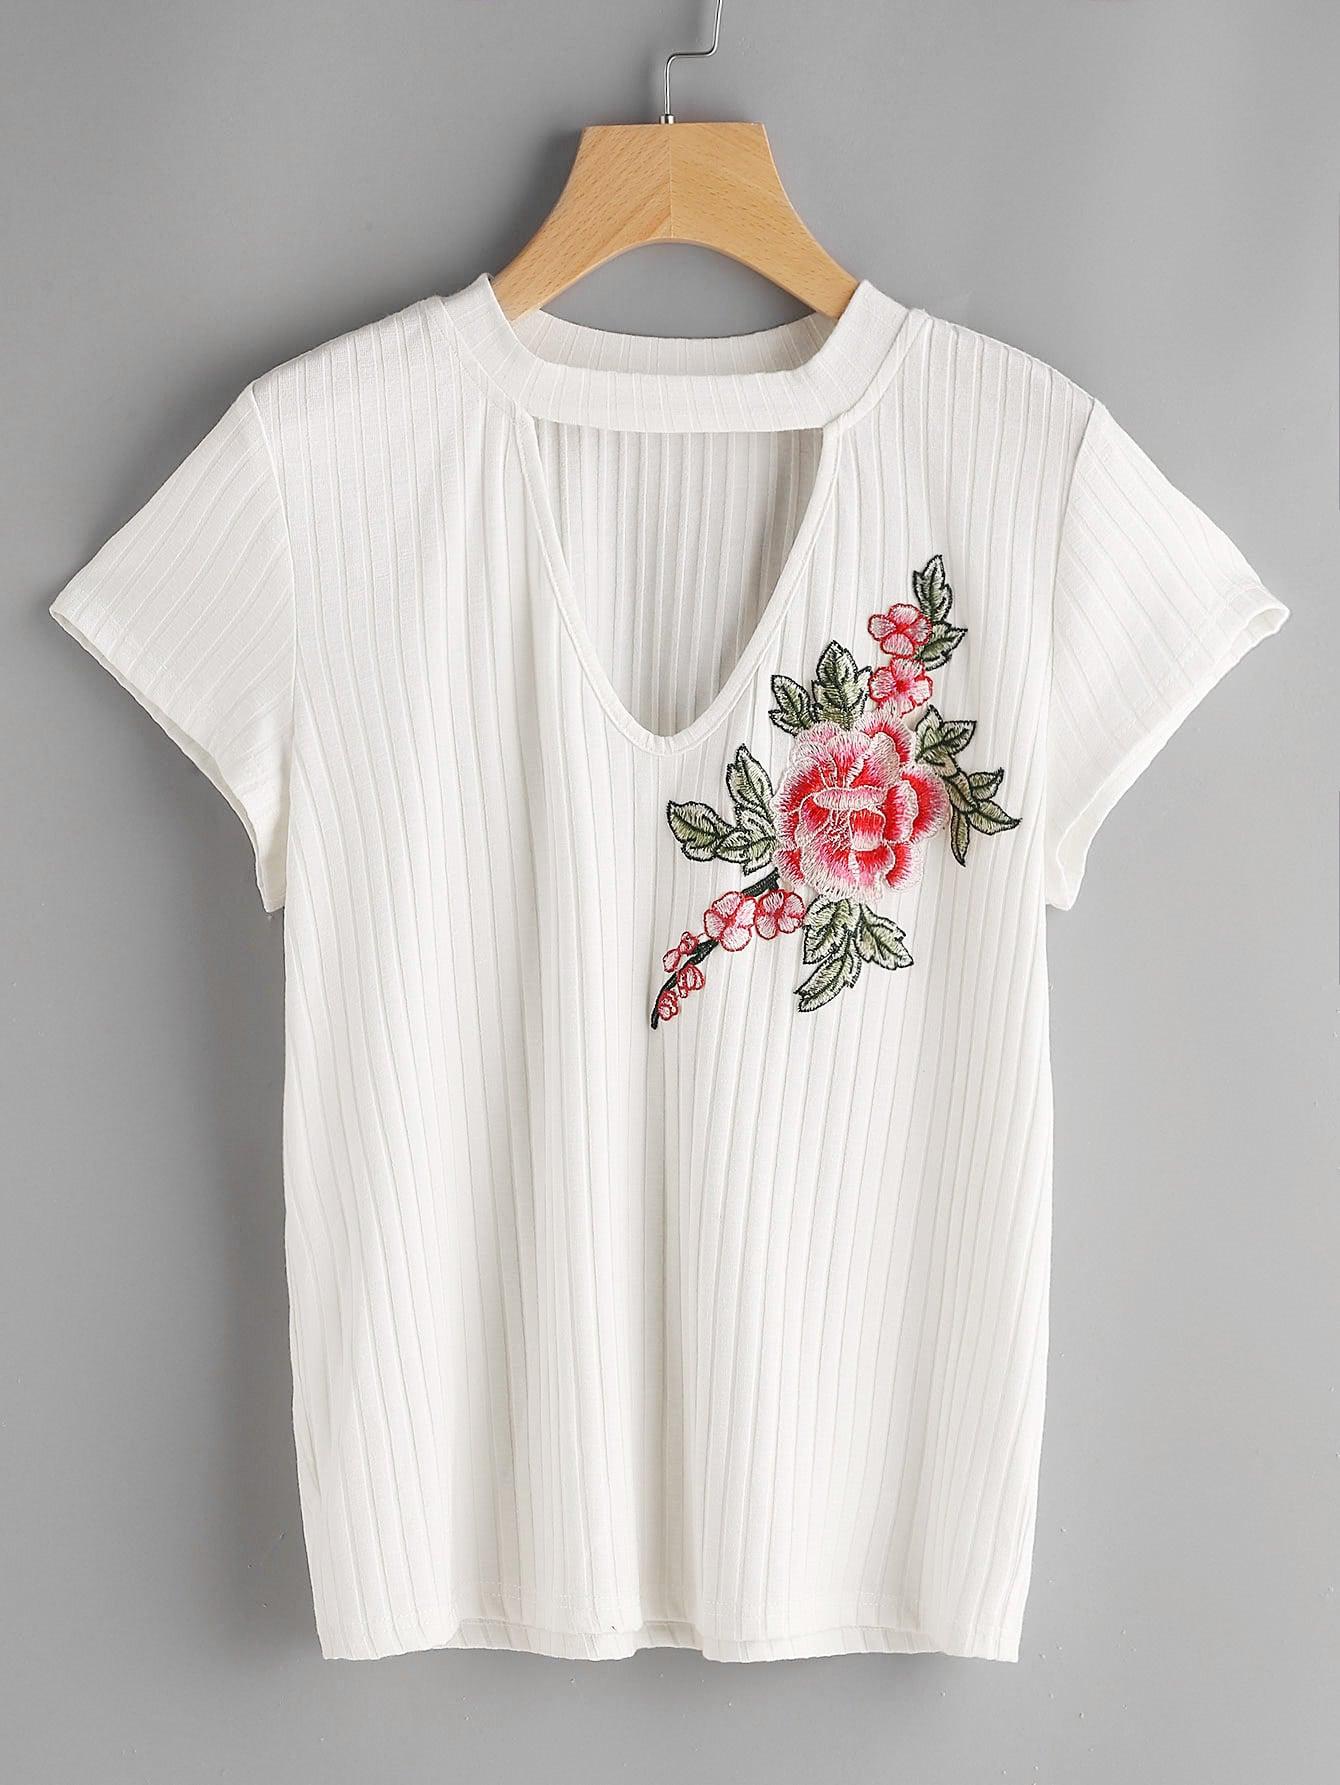 Фото Rib Knit Flower Applique Choker Neck Tee. Купить с доставкой